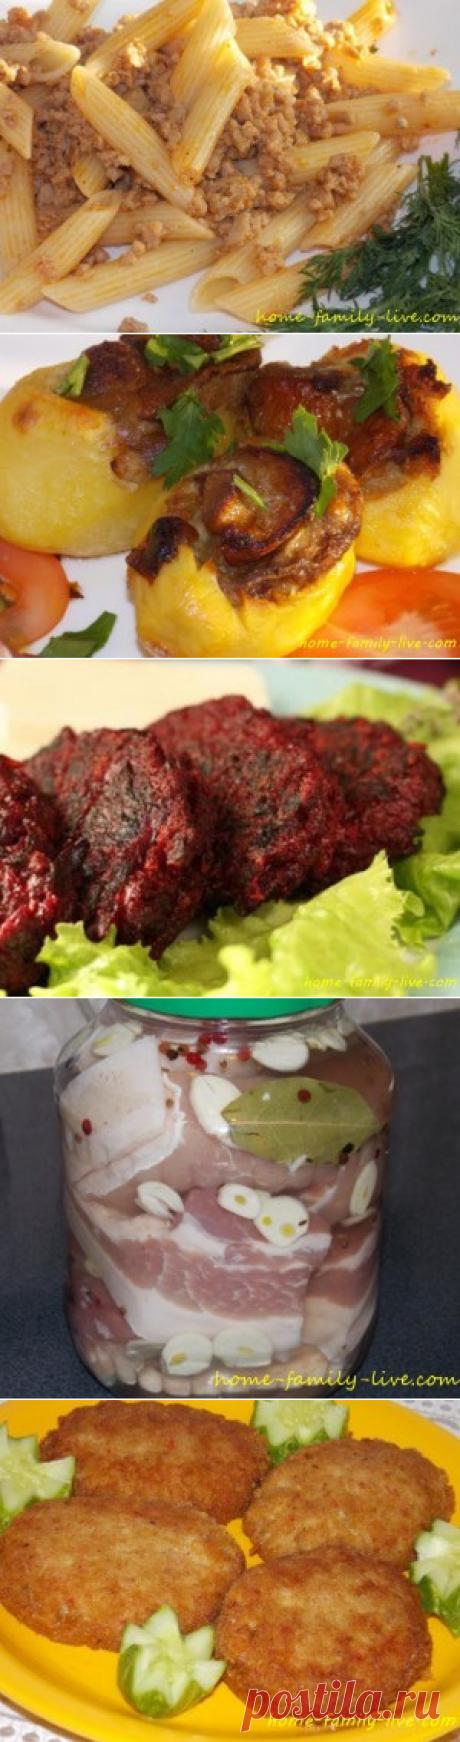 Кулинарные рецепты - Сайт с пошаговыми рецептами с фото для тех кто любит готовитьКулинарные рецепты | Сайт с пошаговыми рецептами с фото для тех кто любит готовить